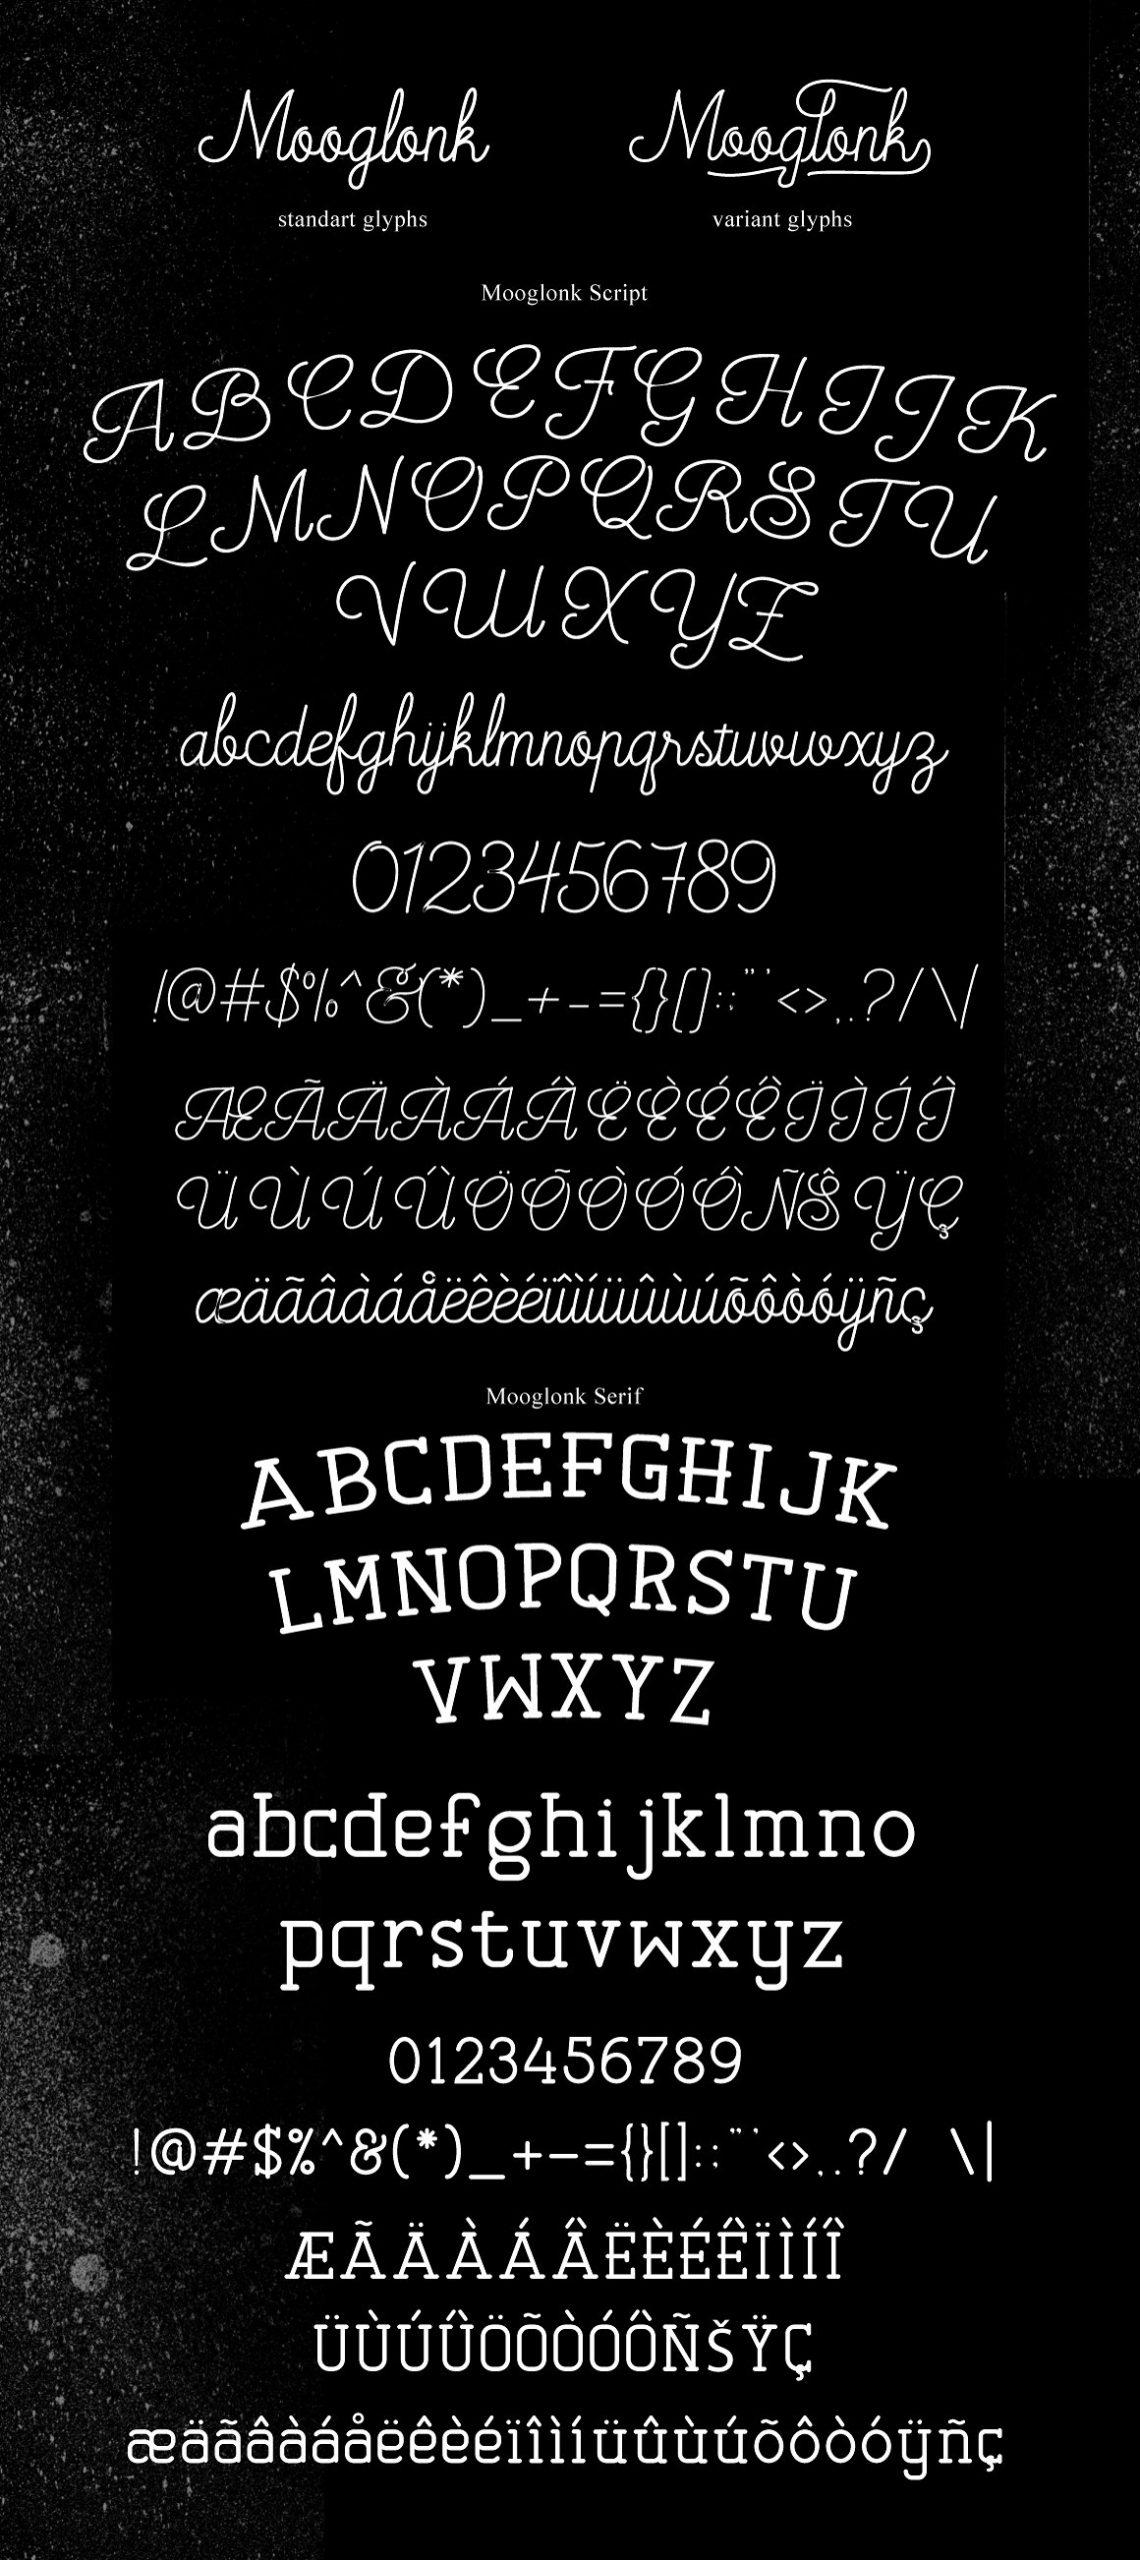 Mooglonk-Font-3